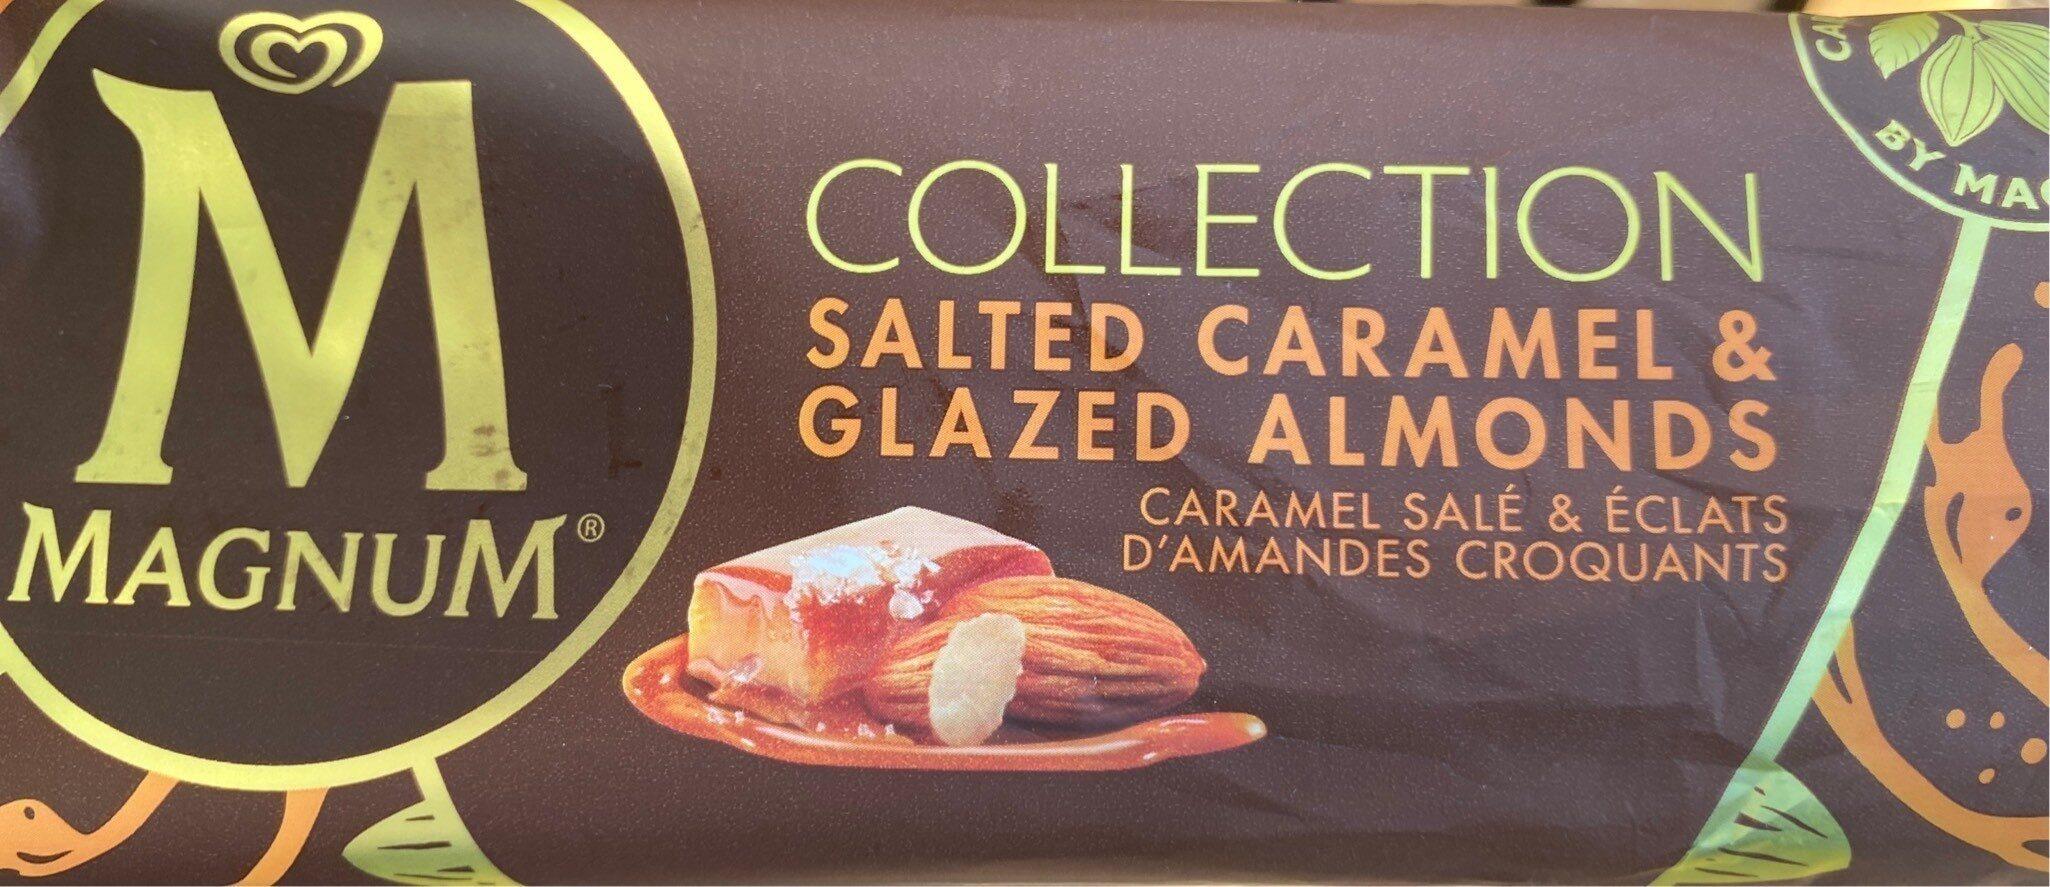 COLLECTION caramel salé & éclats d'amandes - Product - fr